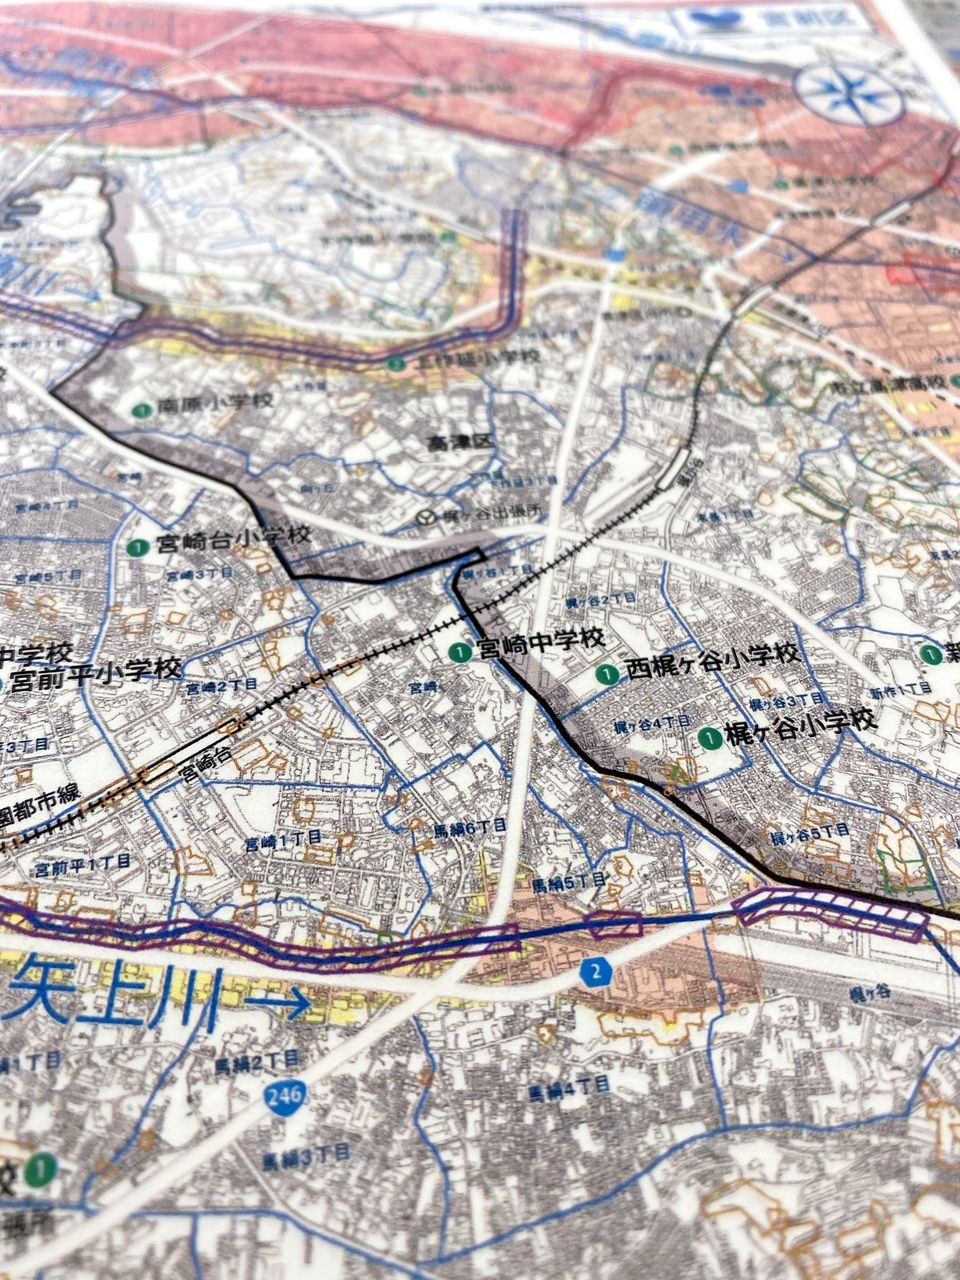 水害ハザードマップについての説明が義務になります